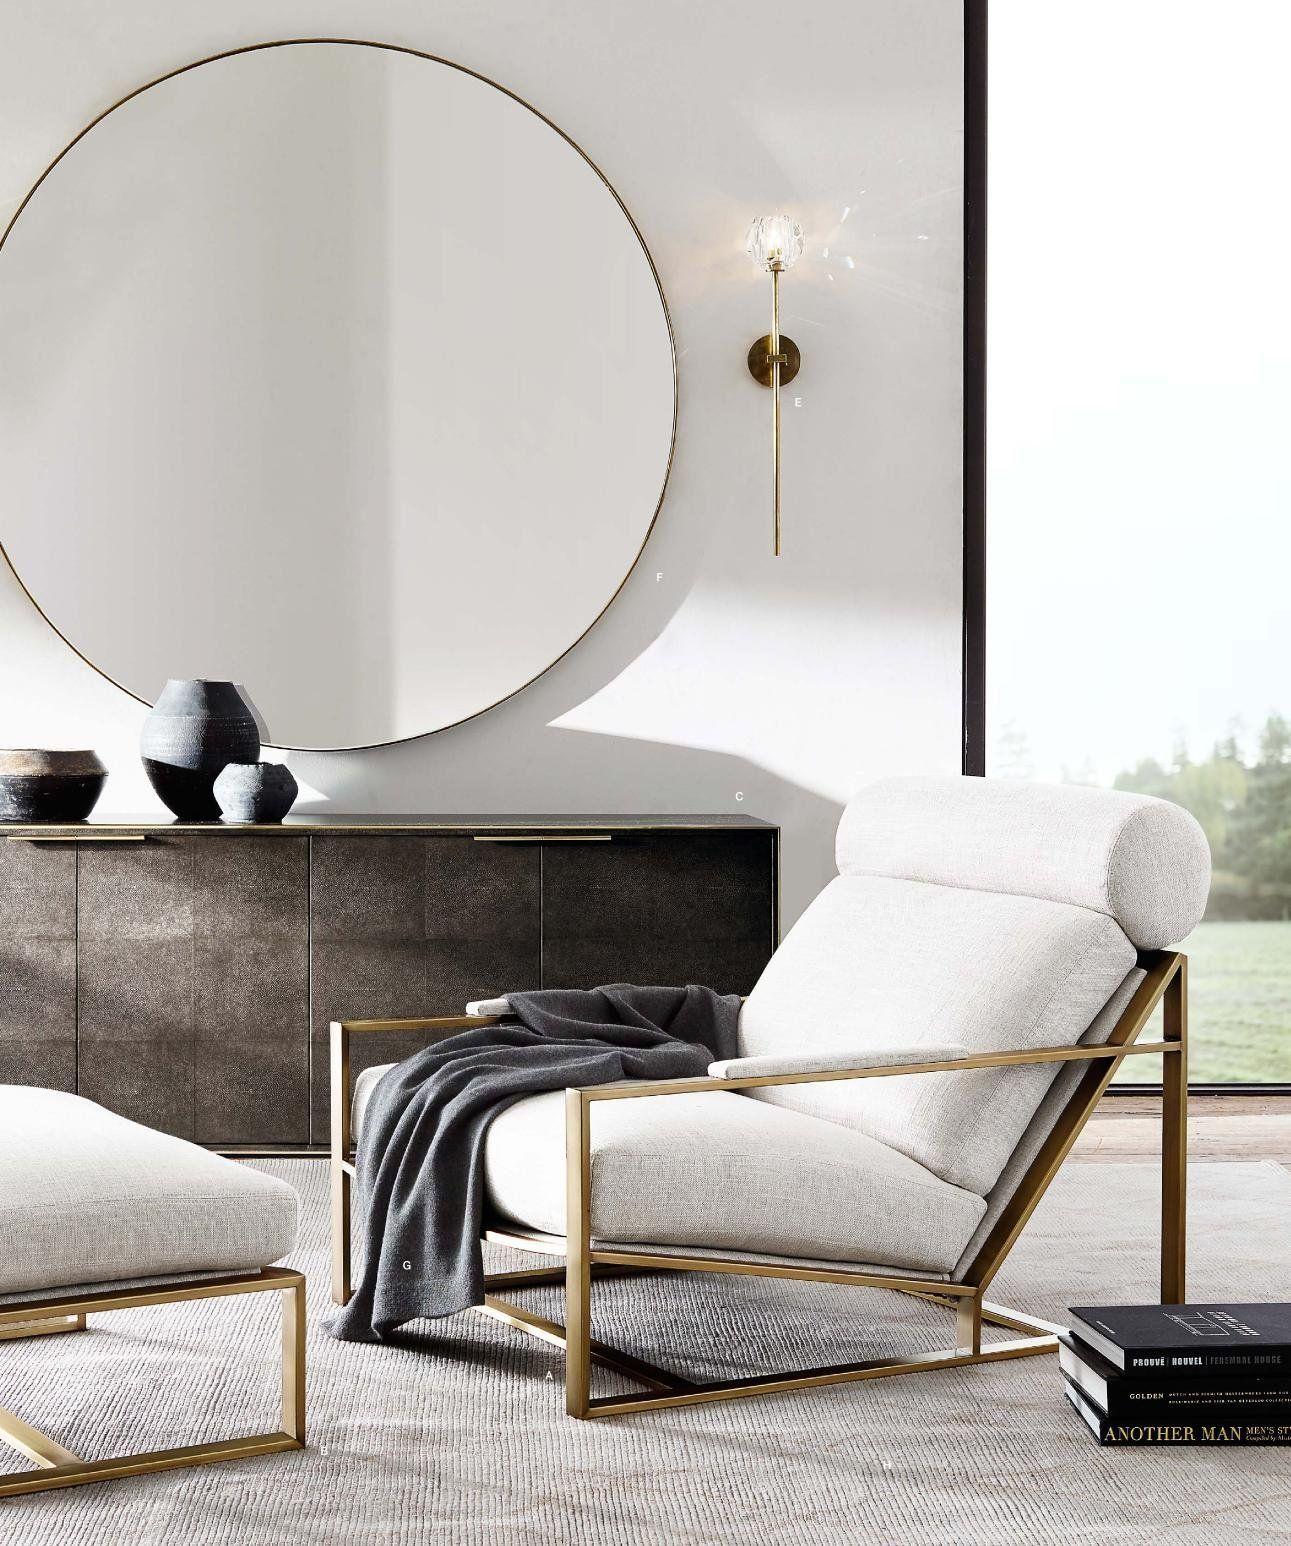 Wohnzimmer spiegelmöbel the best inspirations for interior design are on the luxxu home